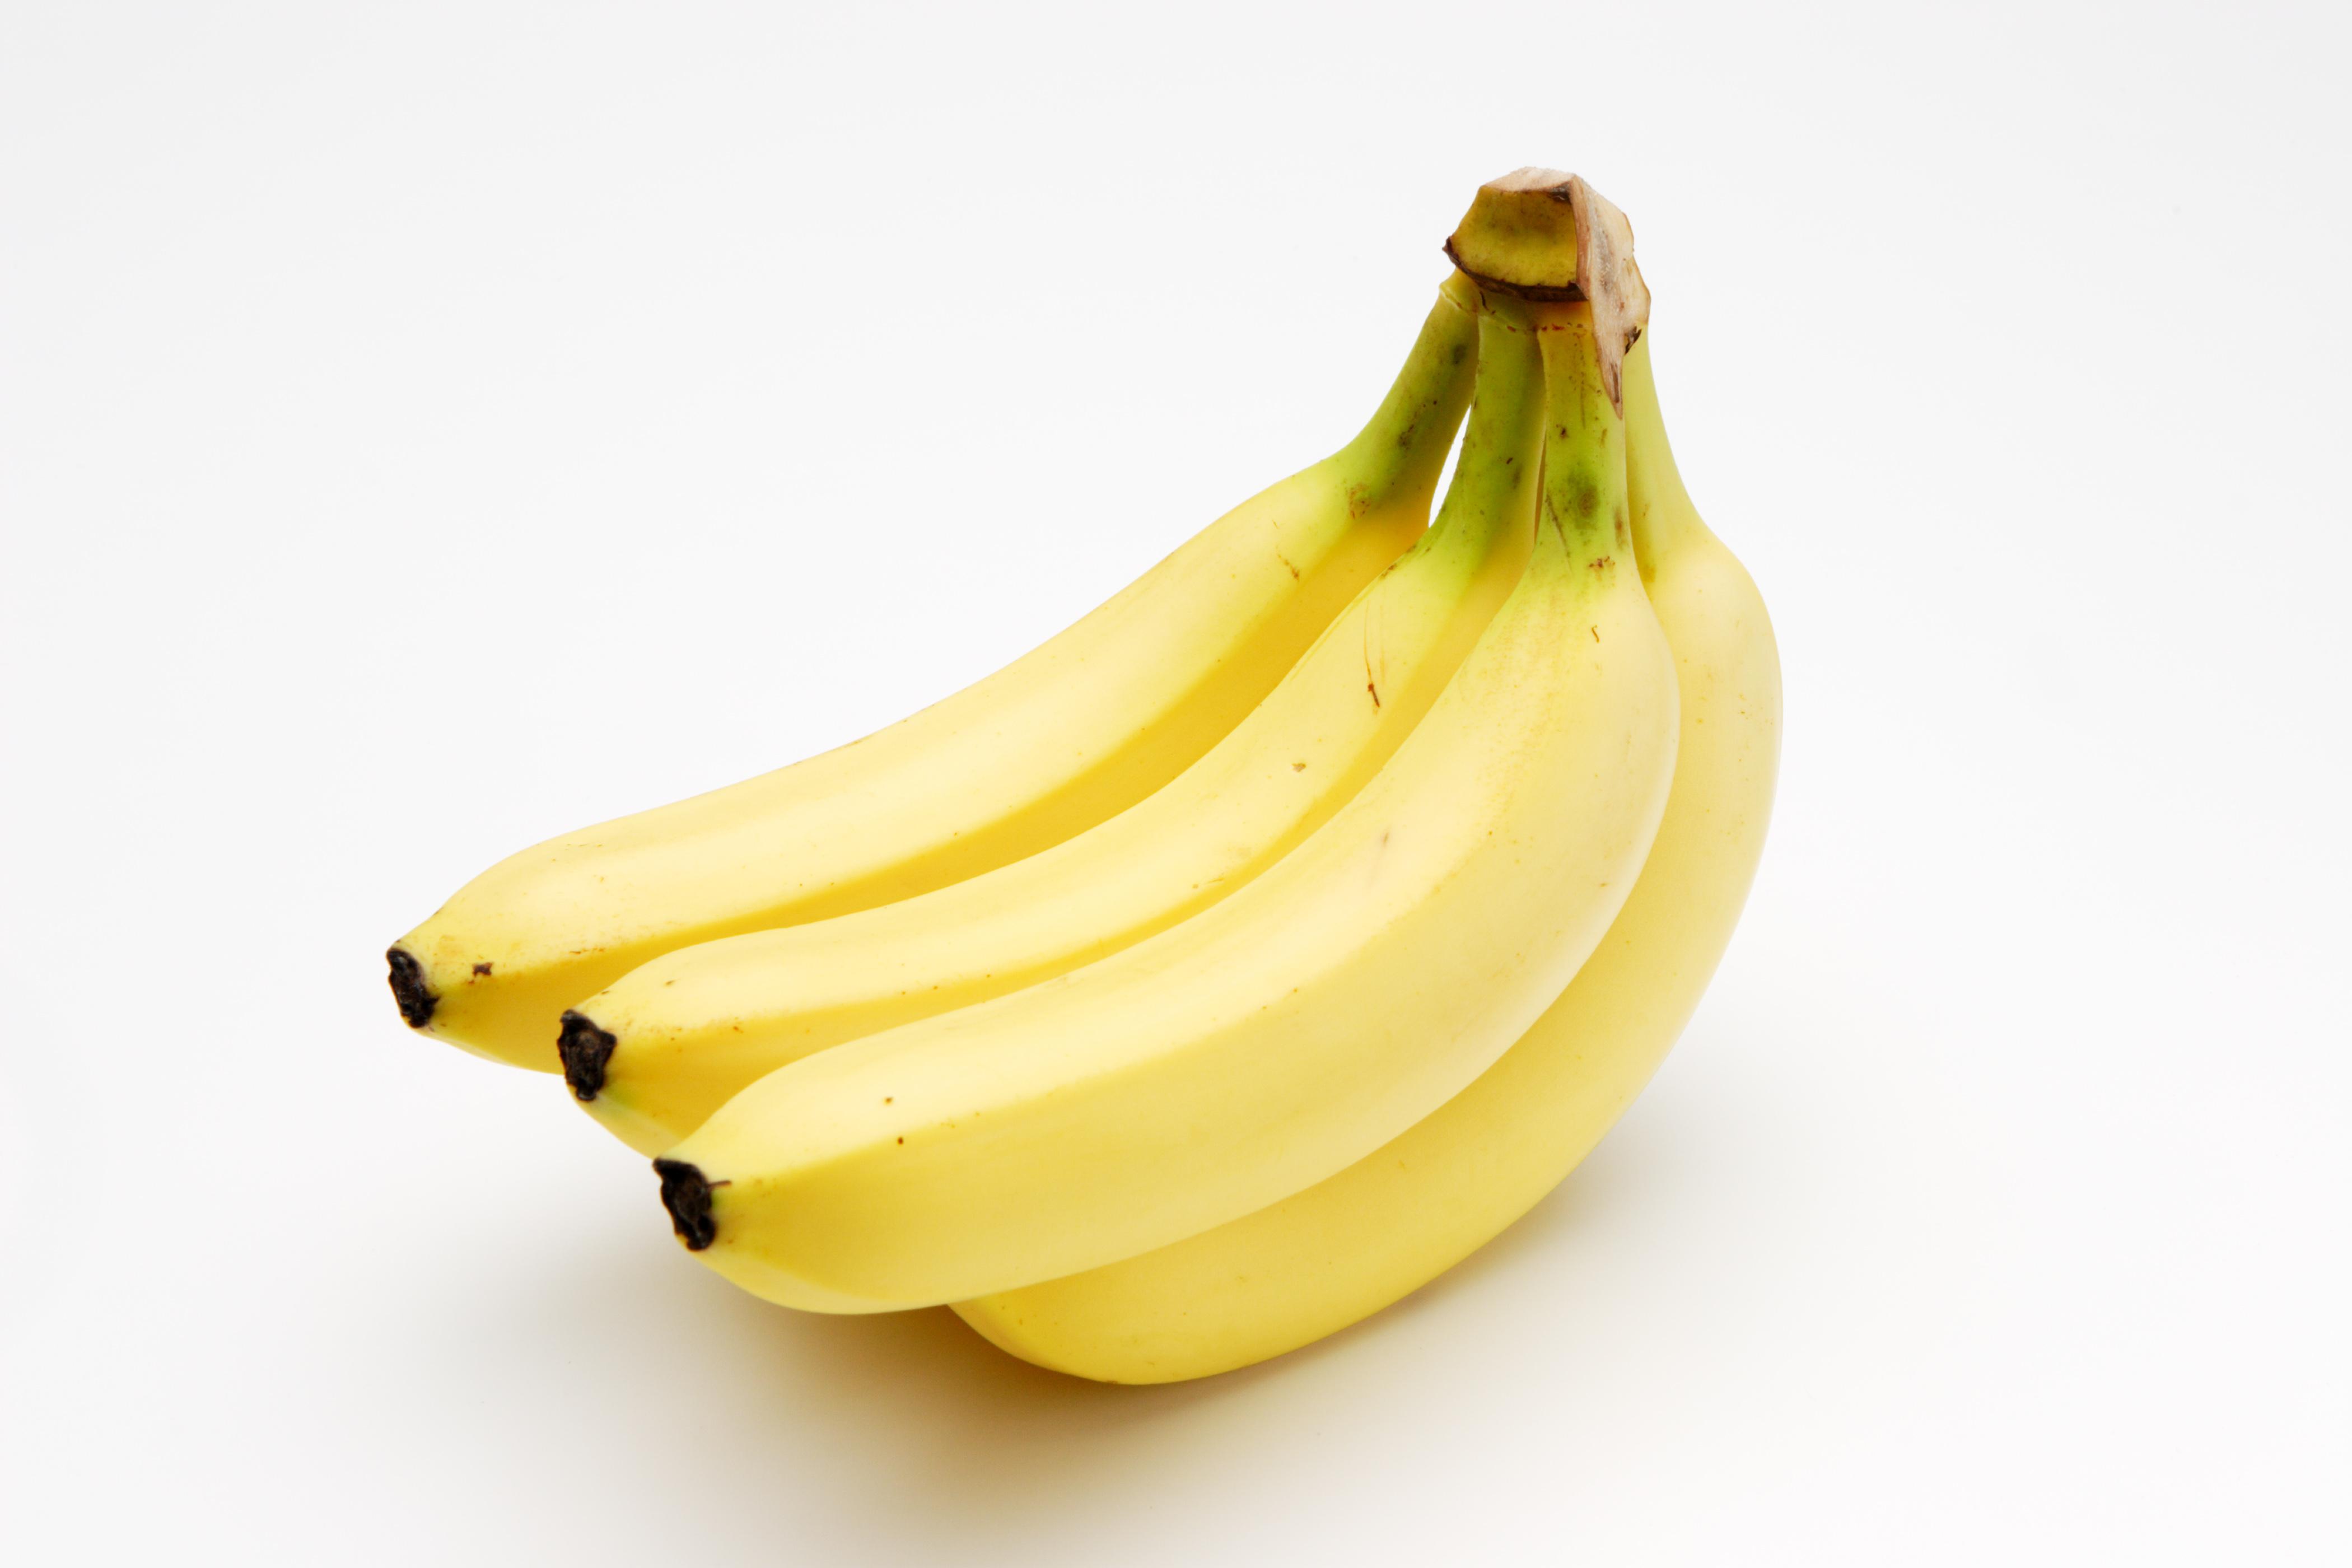 バナナの栄養と効能は?運動前に食べるのがいい?ストレス対策にも